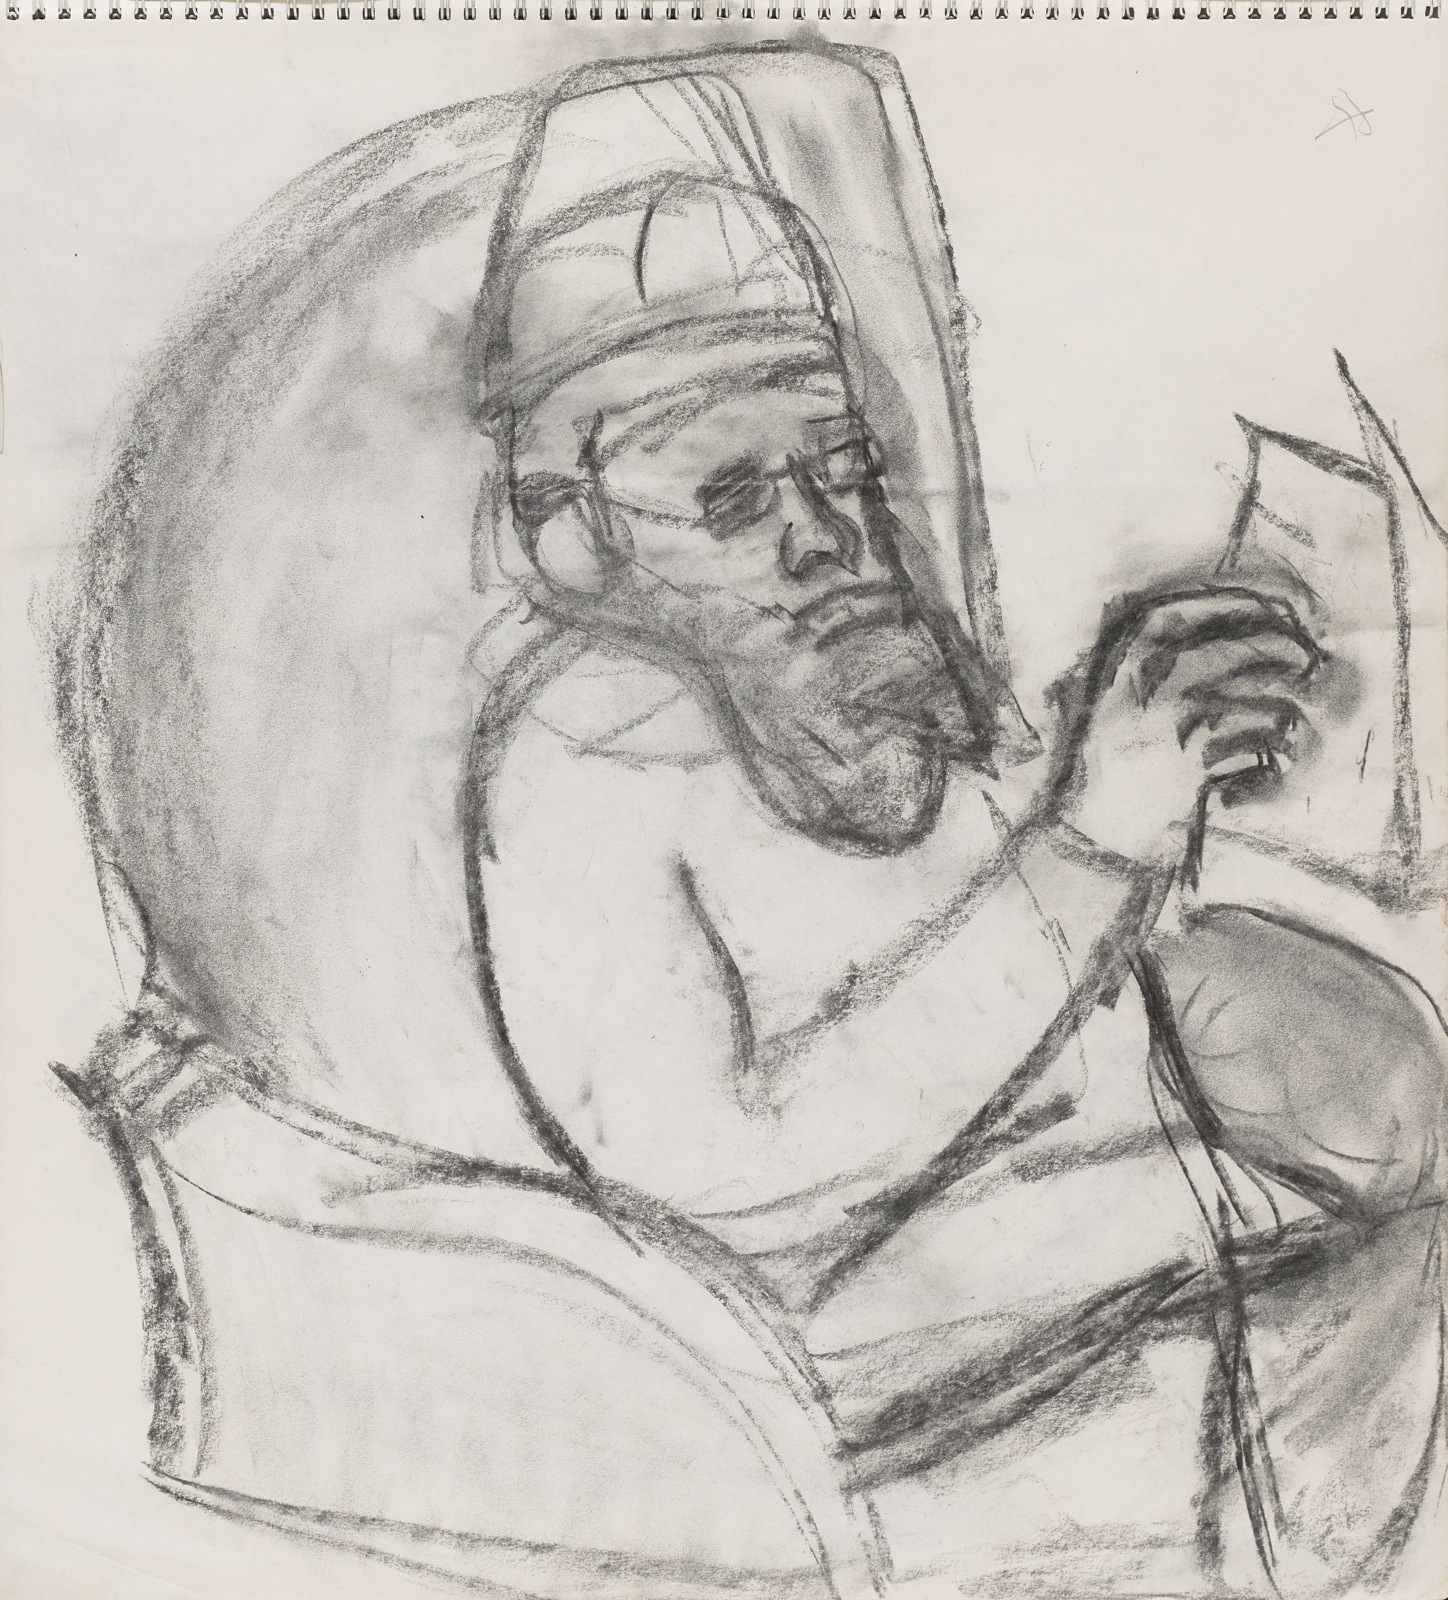 Dessin, crayon : Denis prieur lisant